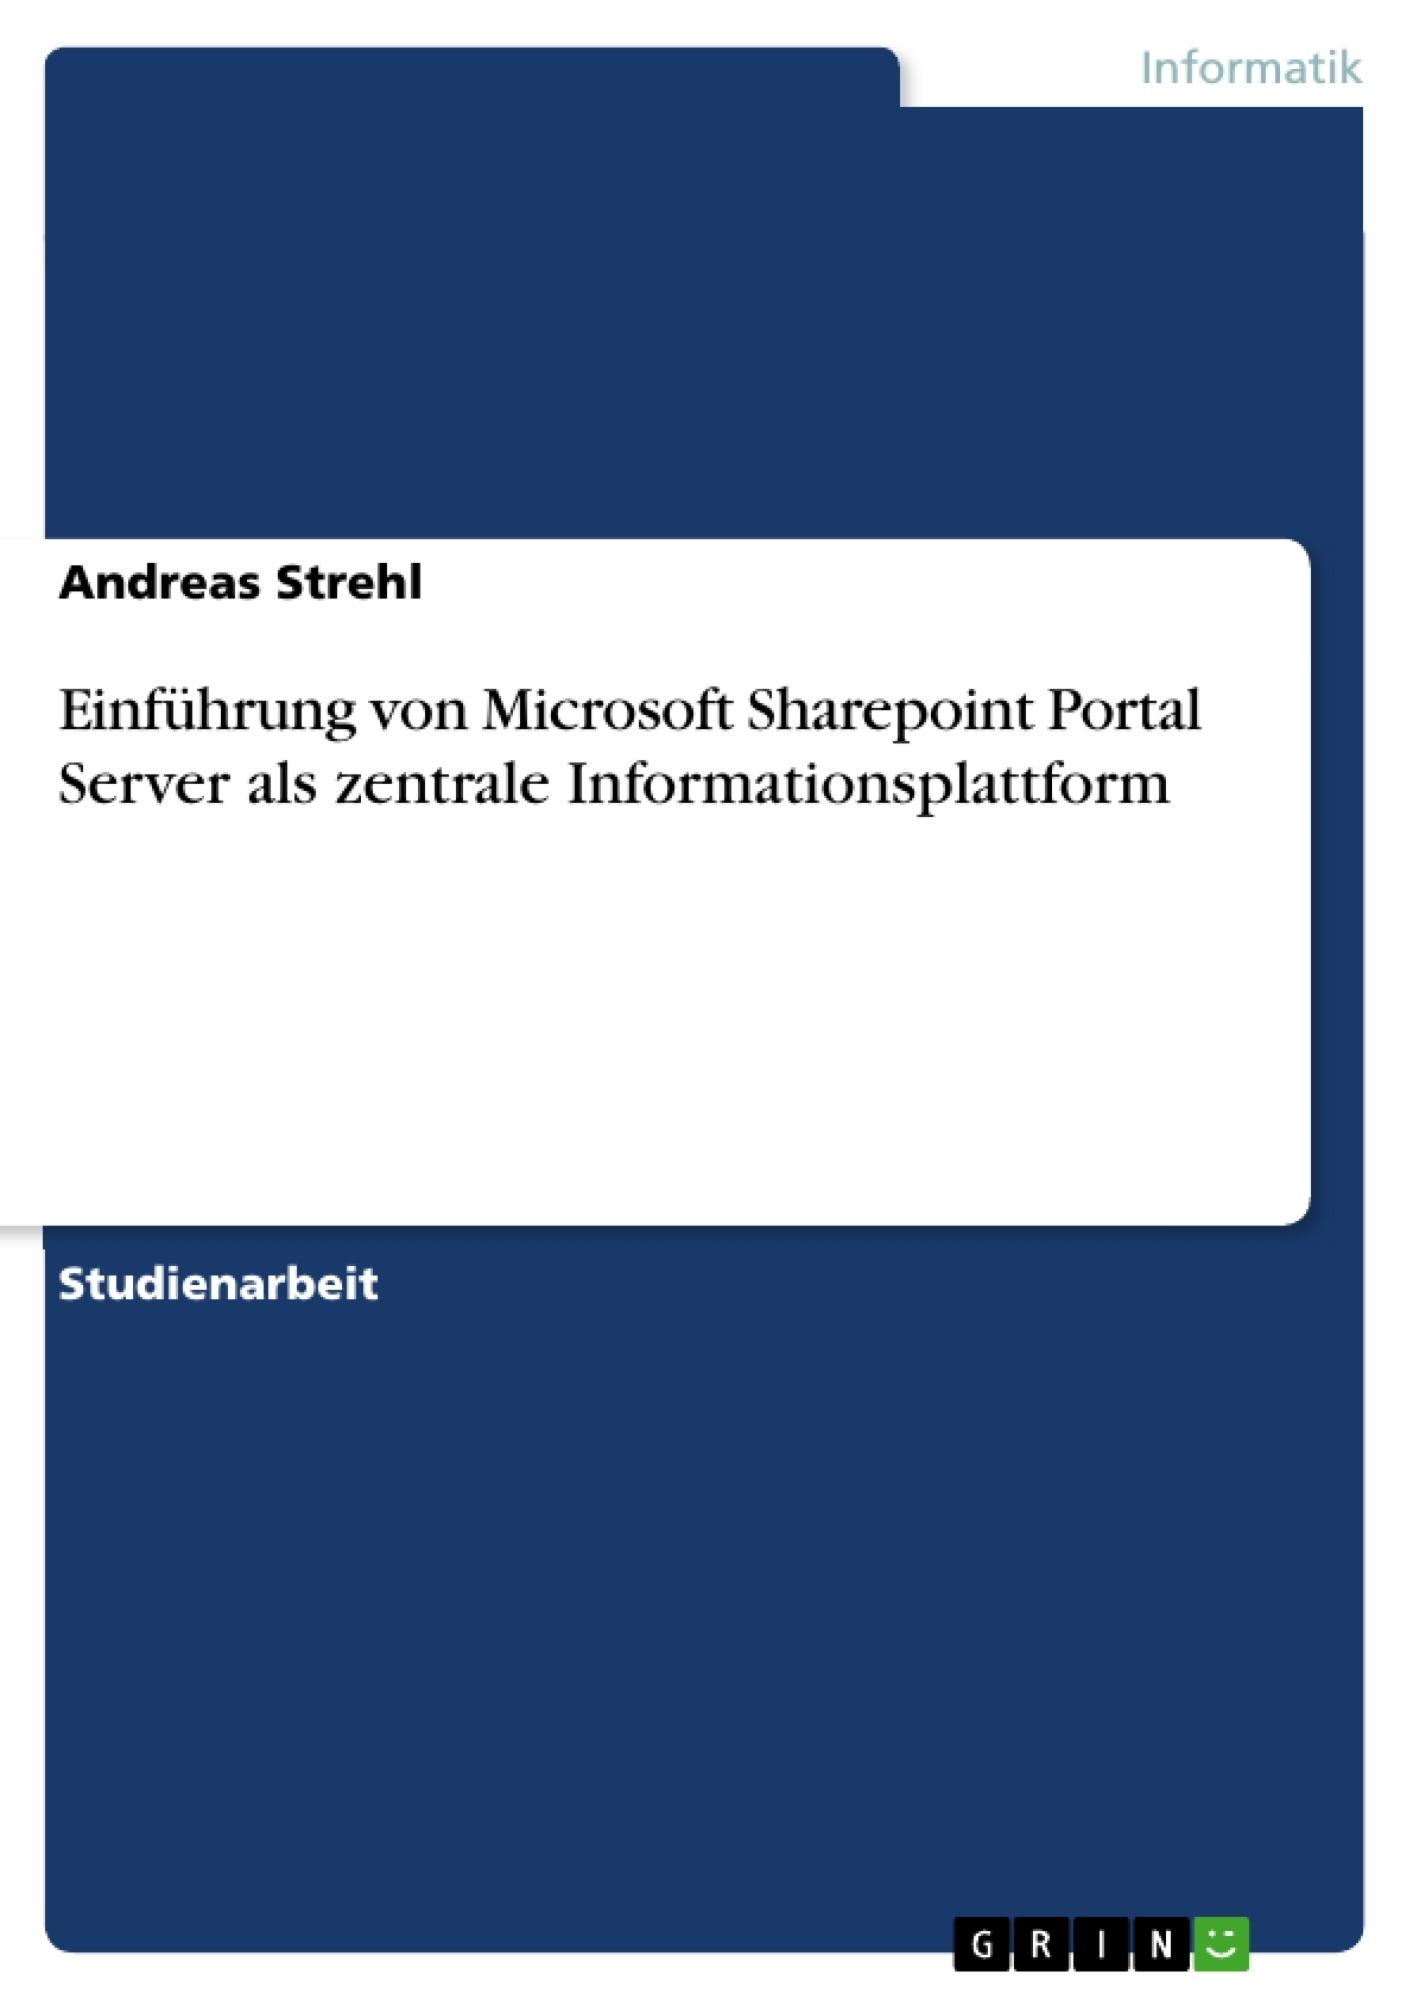 Titel: Einführung von Microsoft Sharepoint Portal Server als zentrale Informationsplattform